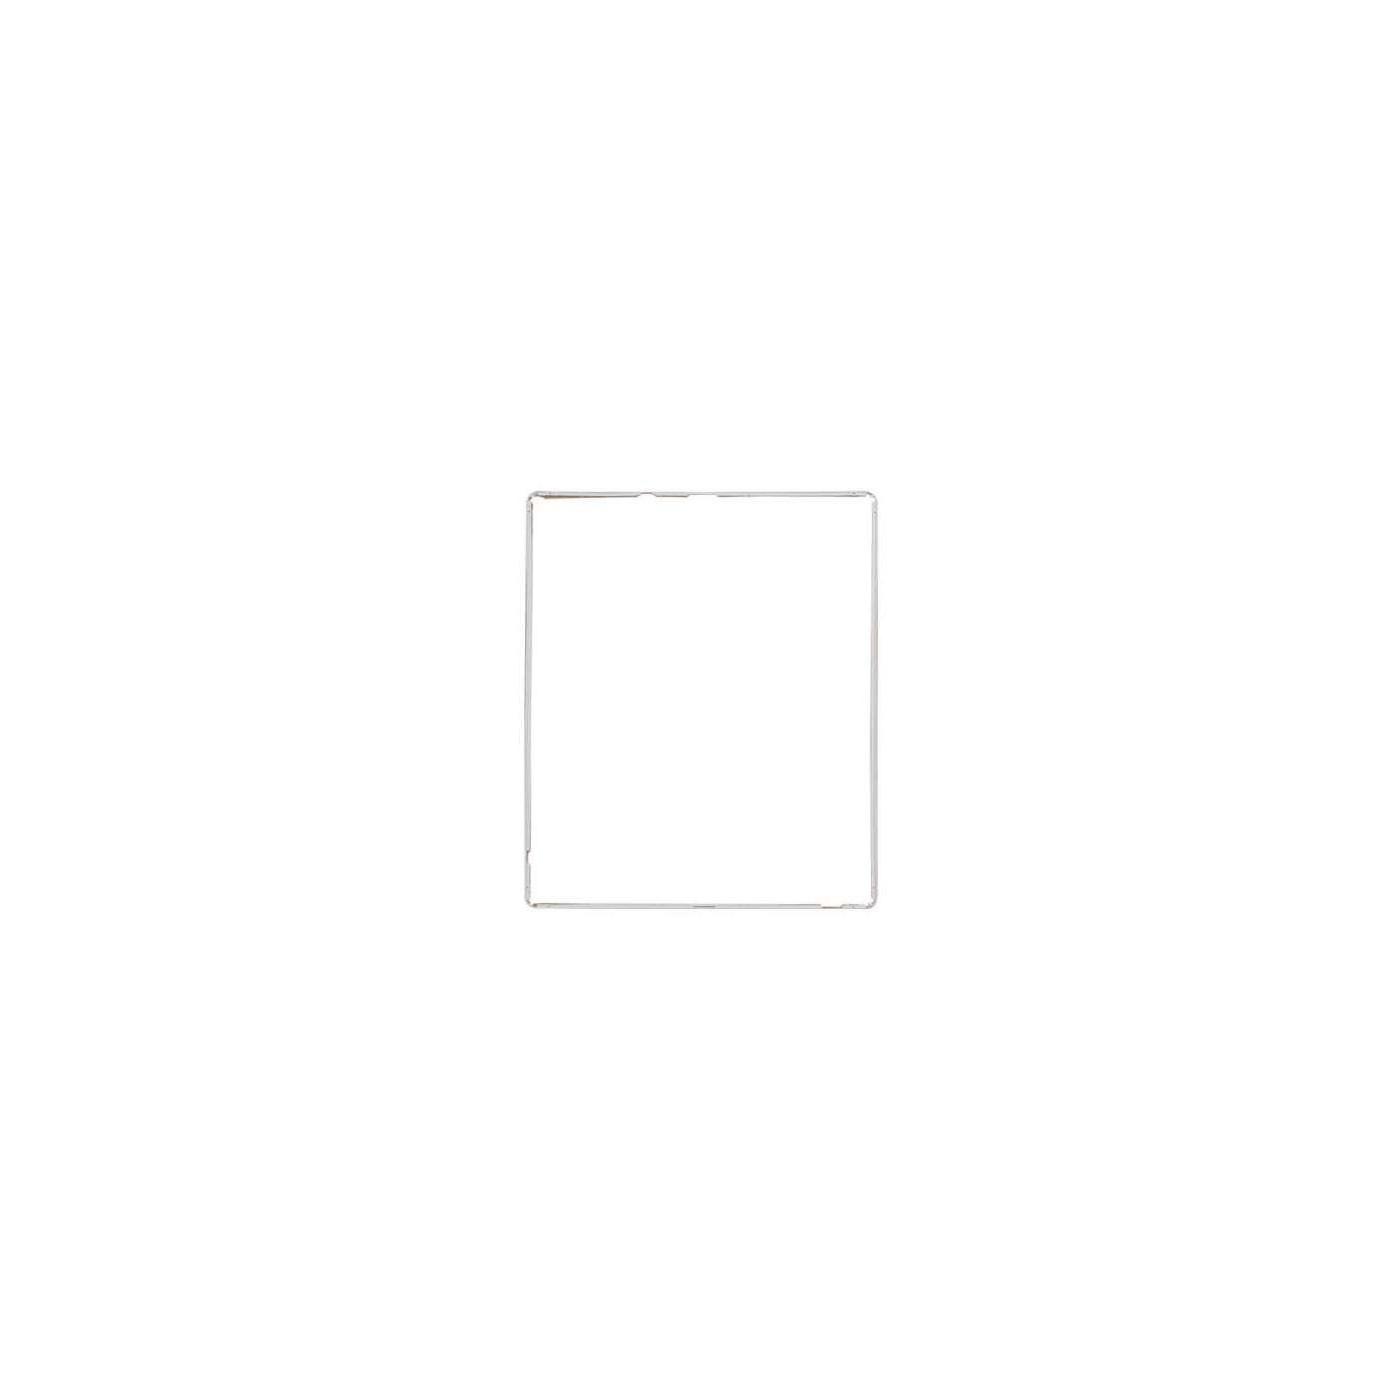 Frame Digitizer Rahmen für iPad 2/3/4 weiß mit Kleber